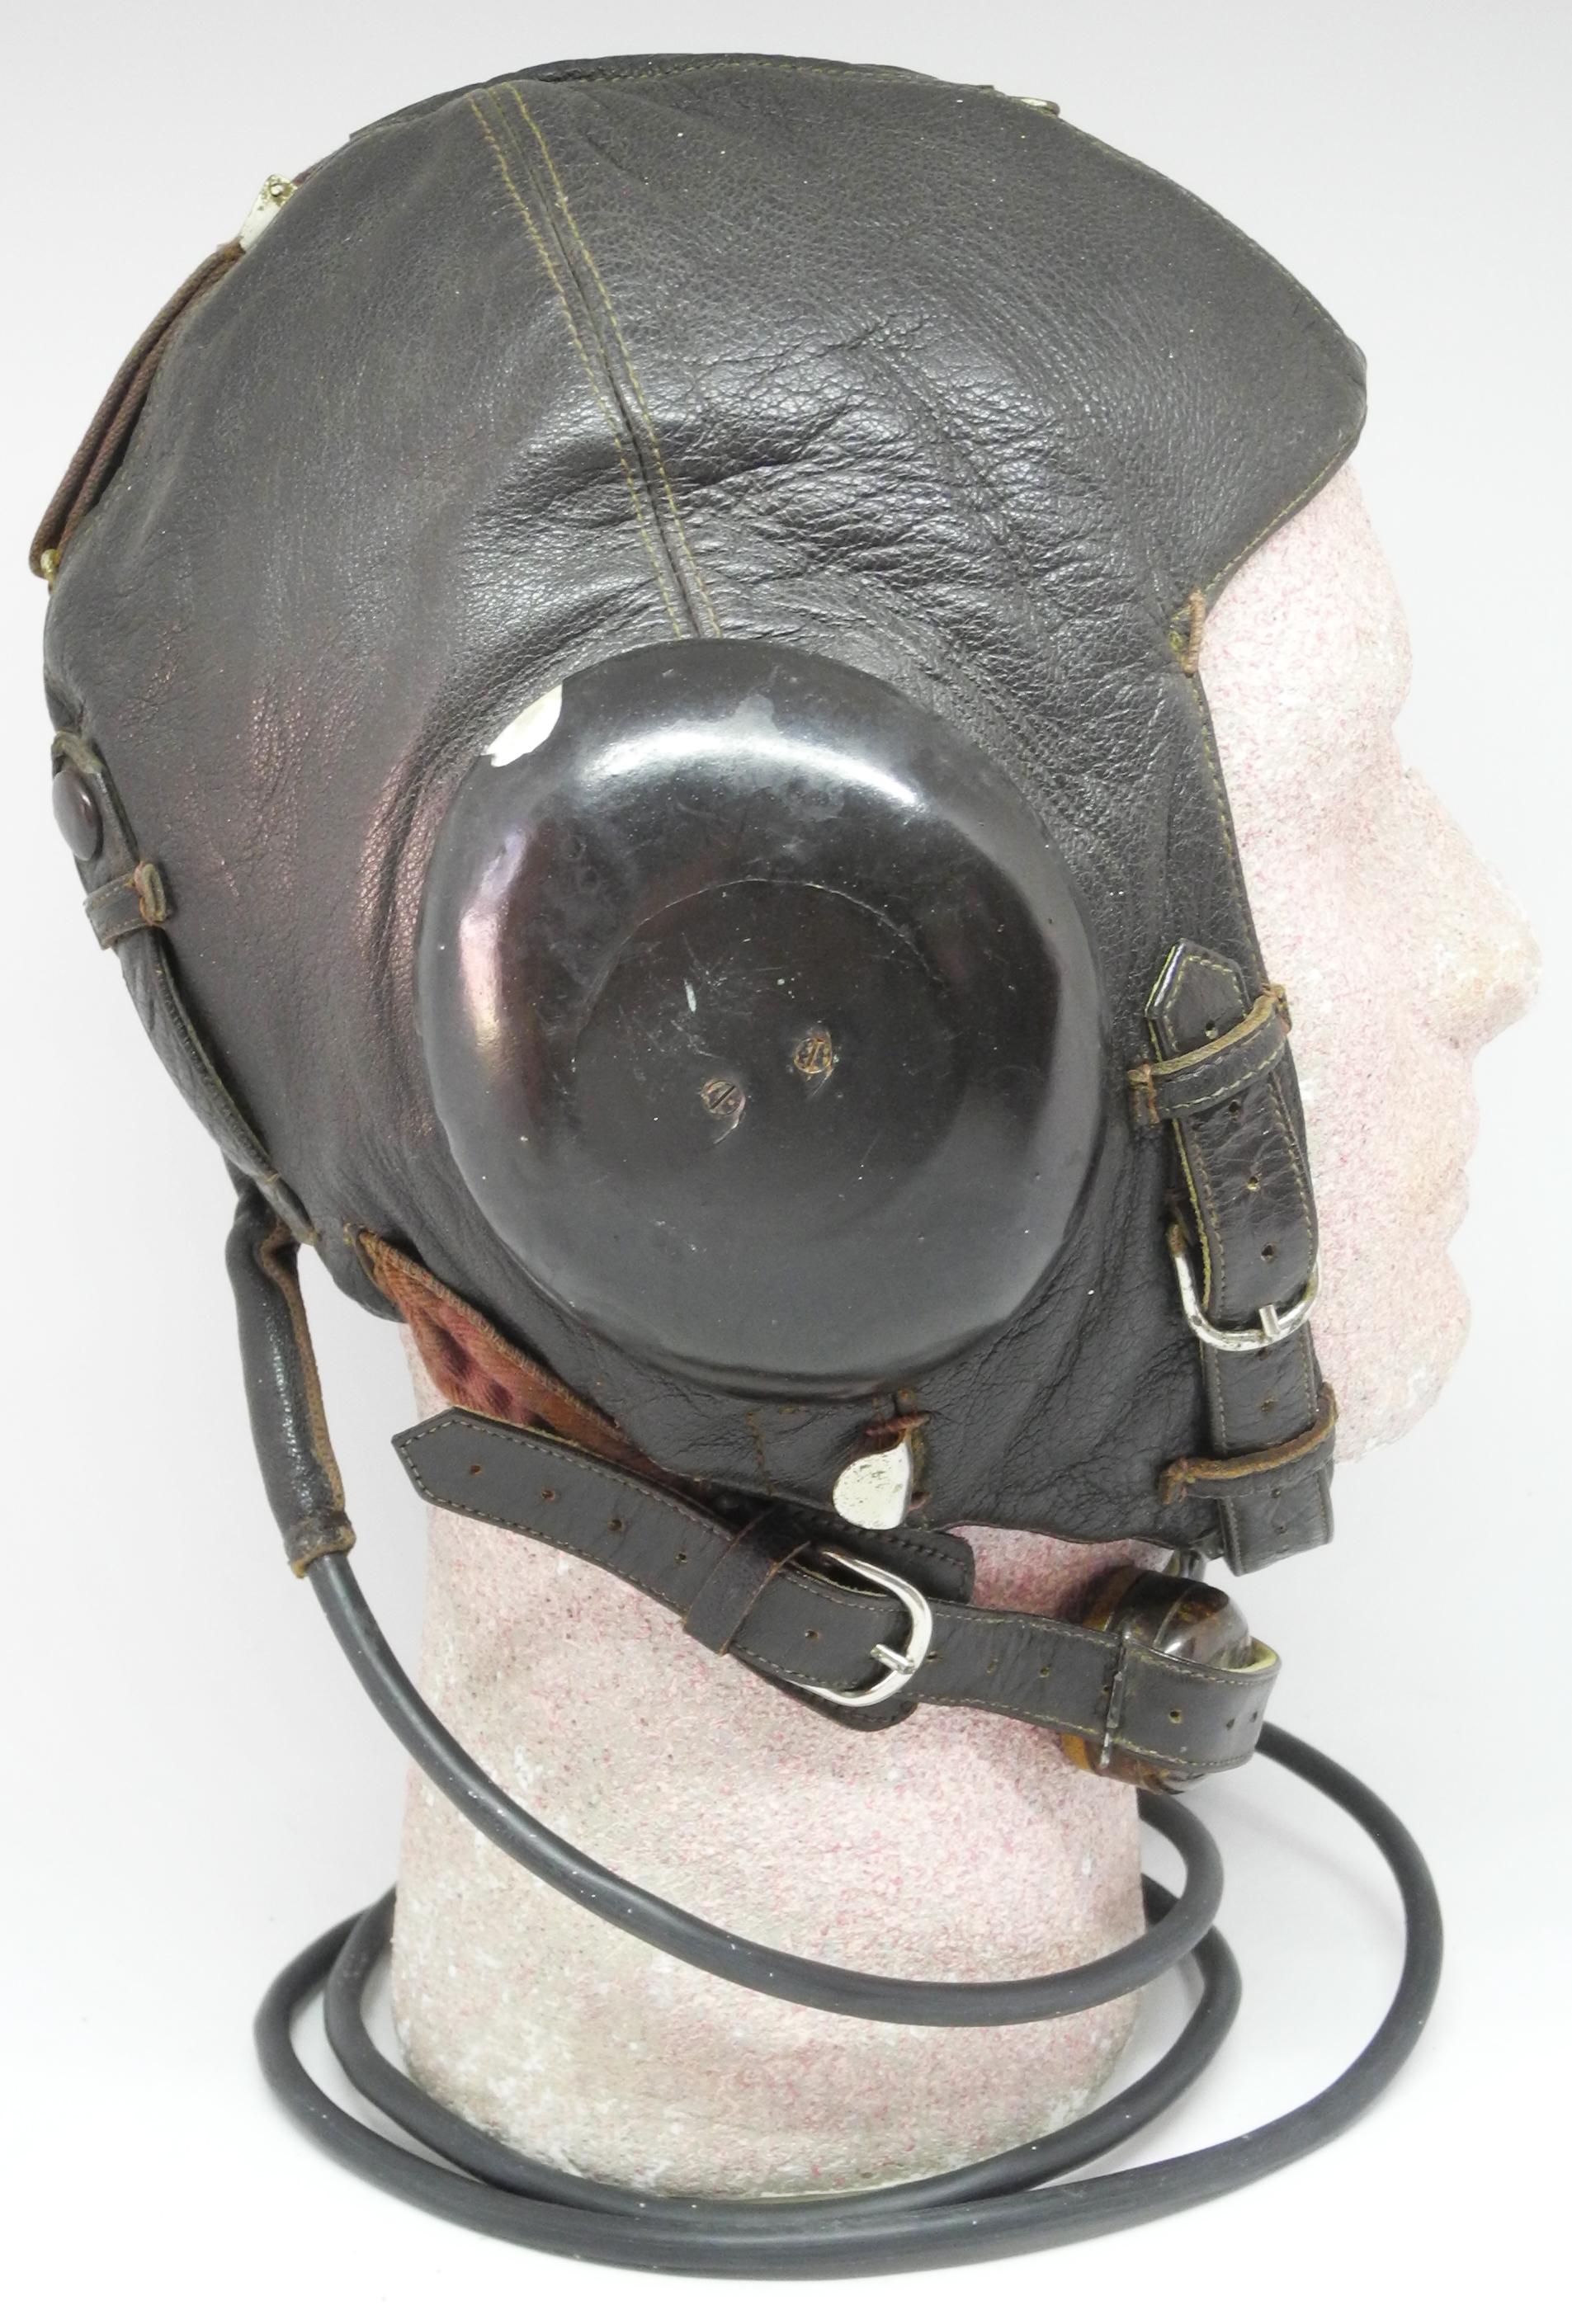 LW LKpW100 flying helmet complete